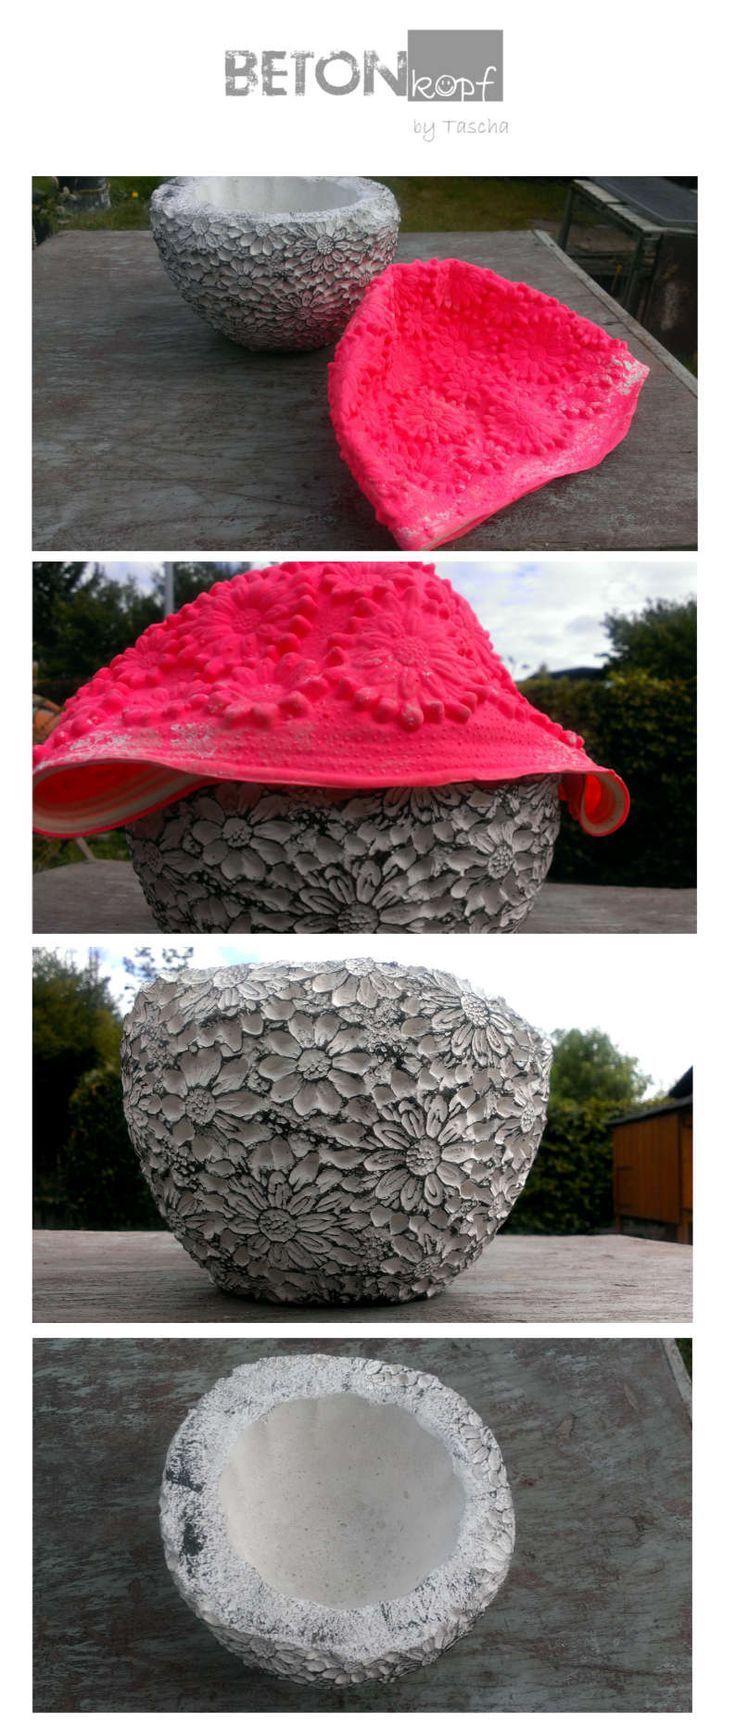 concrete planter out of a bathing cap concrete crafts concrete diy gardening con #Beton #Deko #Diy #Giessen #Garten #Basteln #Weihnachten #bonnets